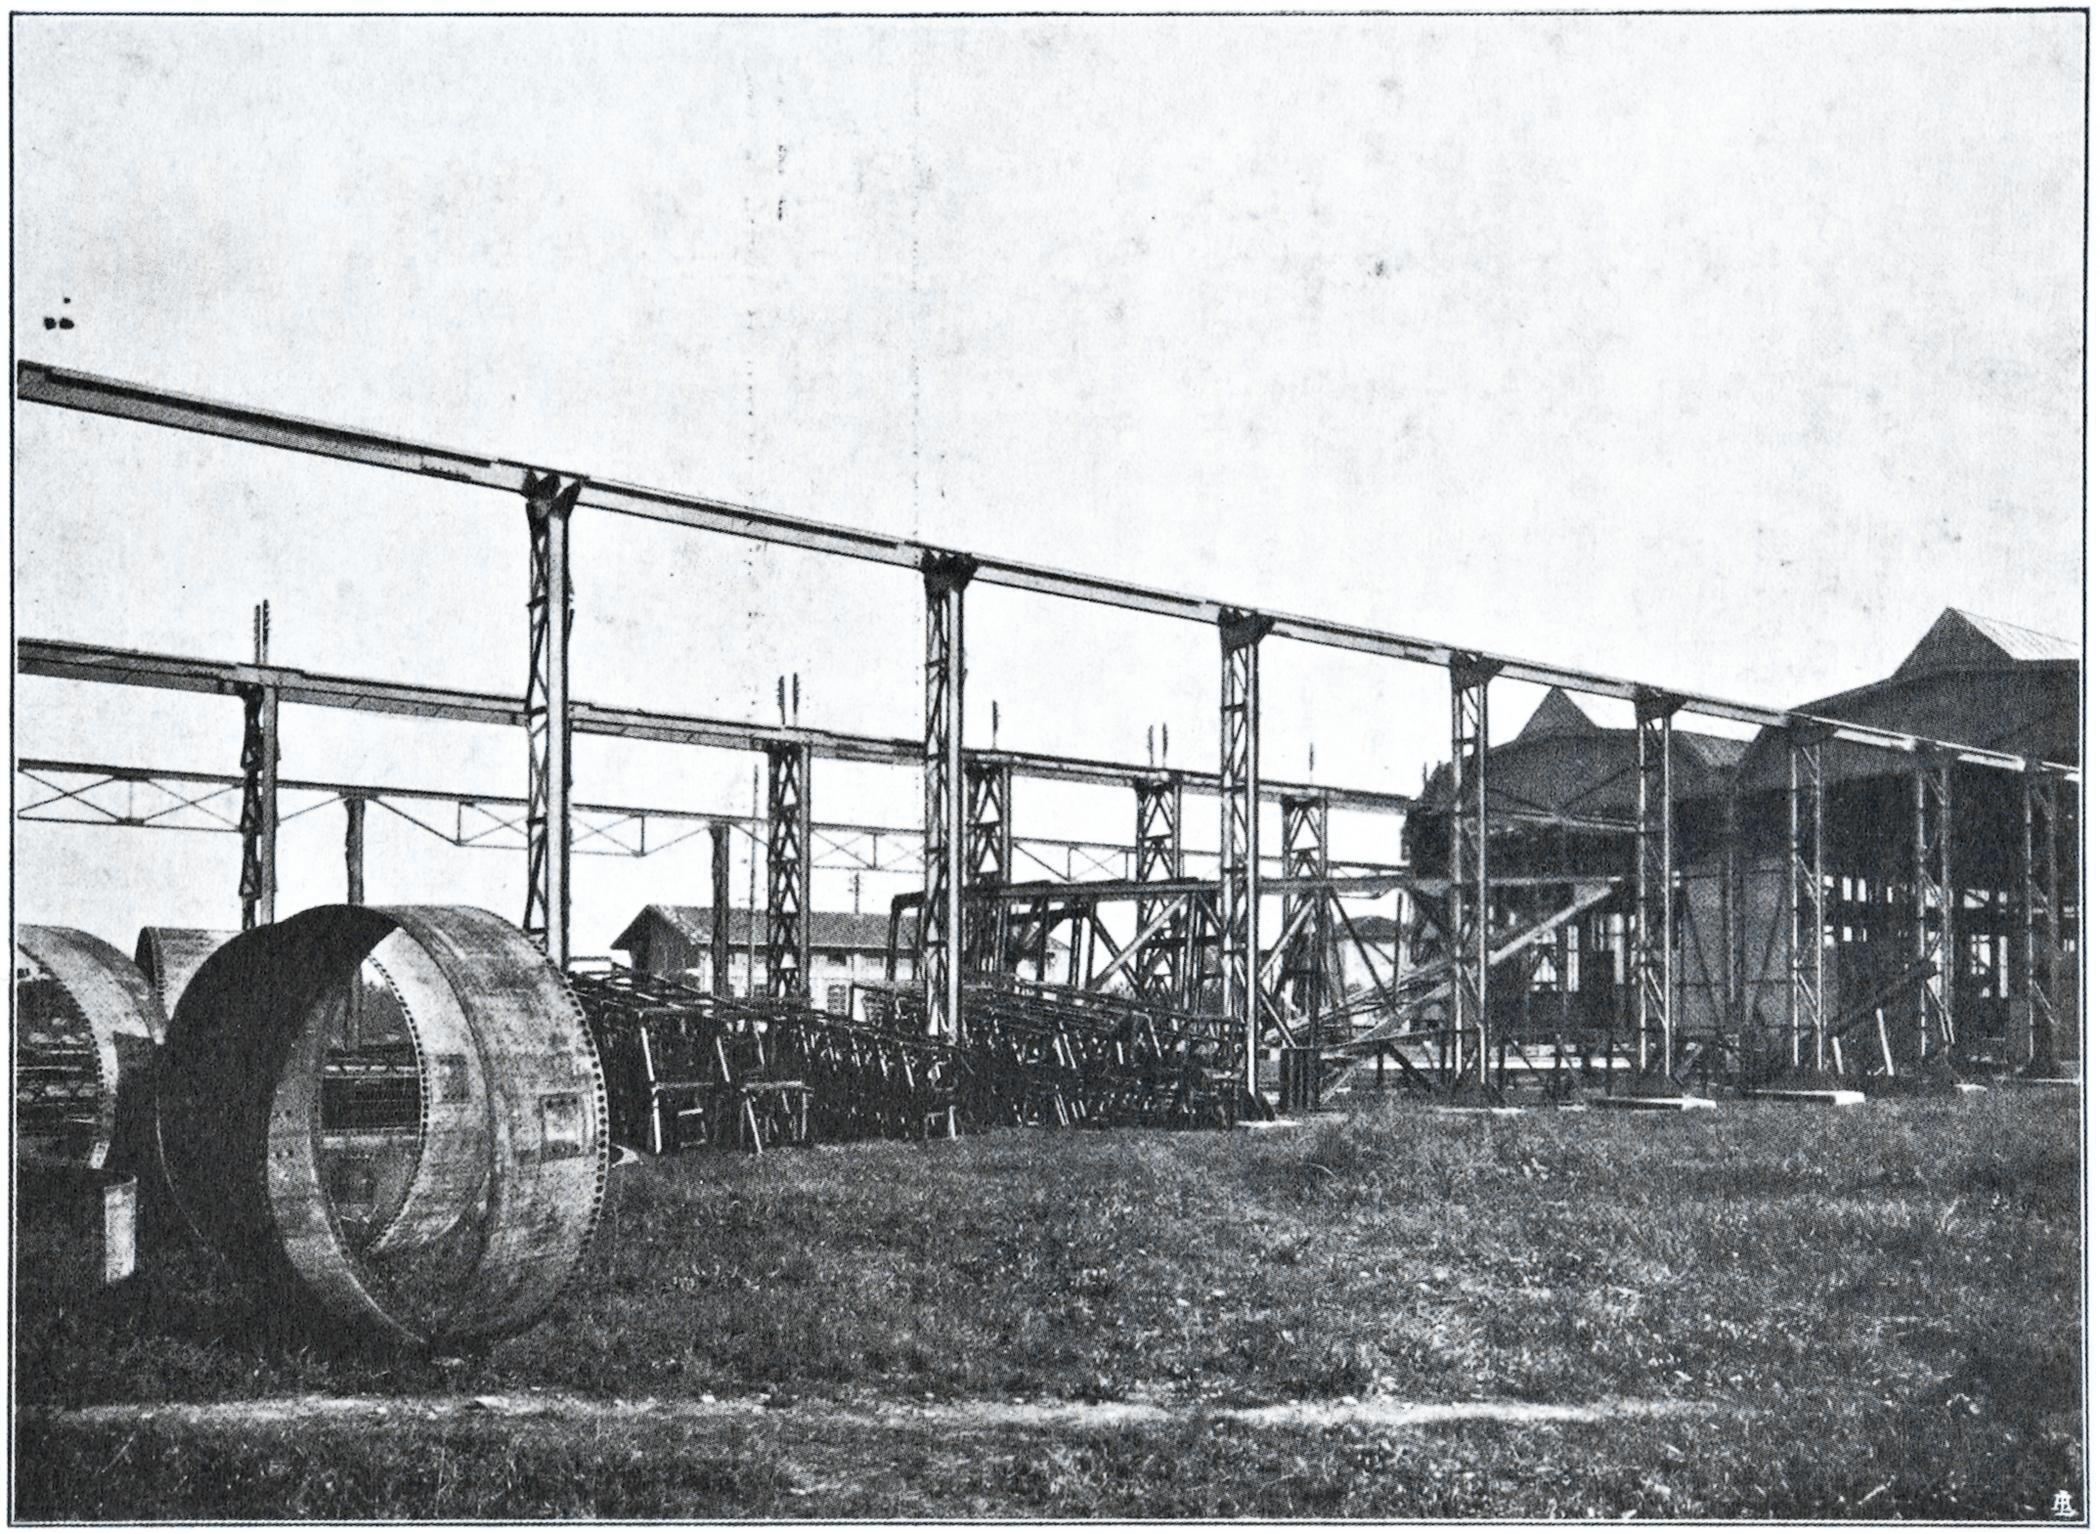 Officine di Battaglia, Parco ferro e materiali lavorati (1925).